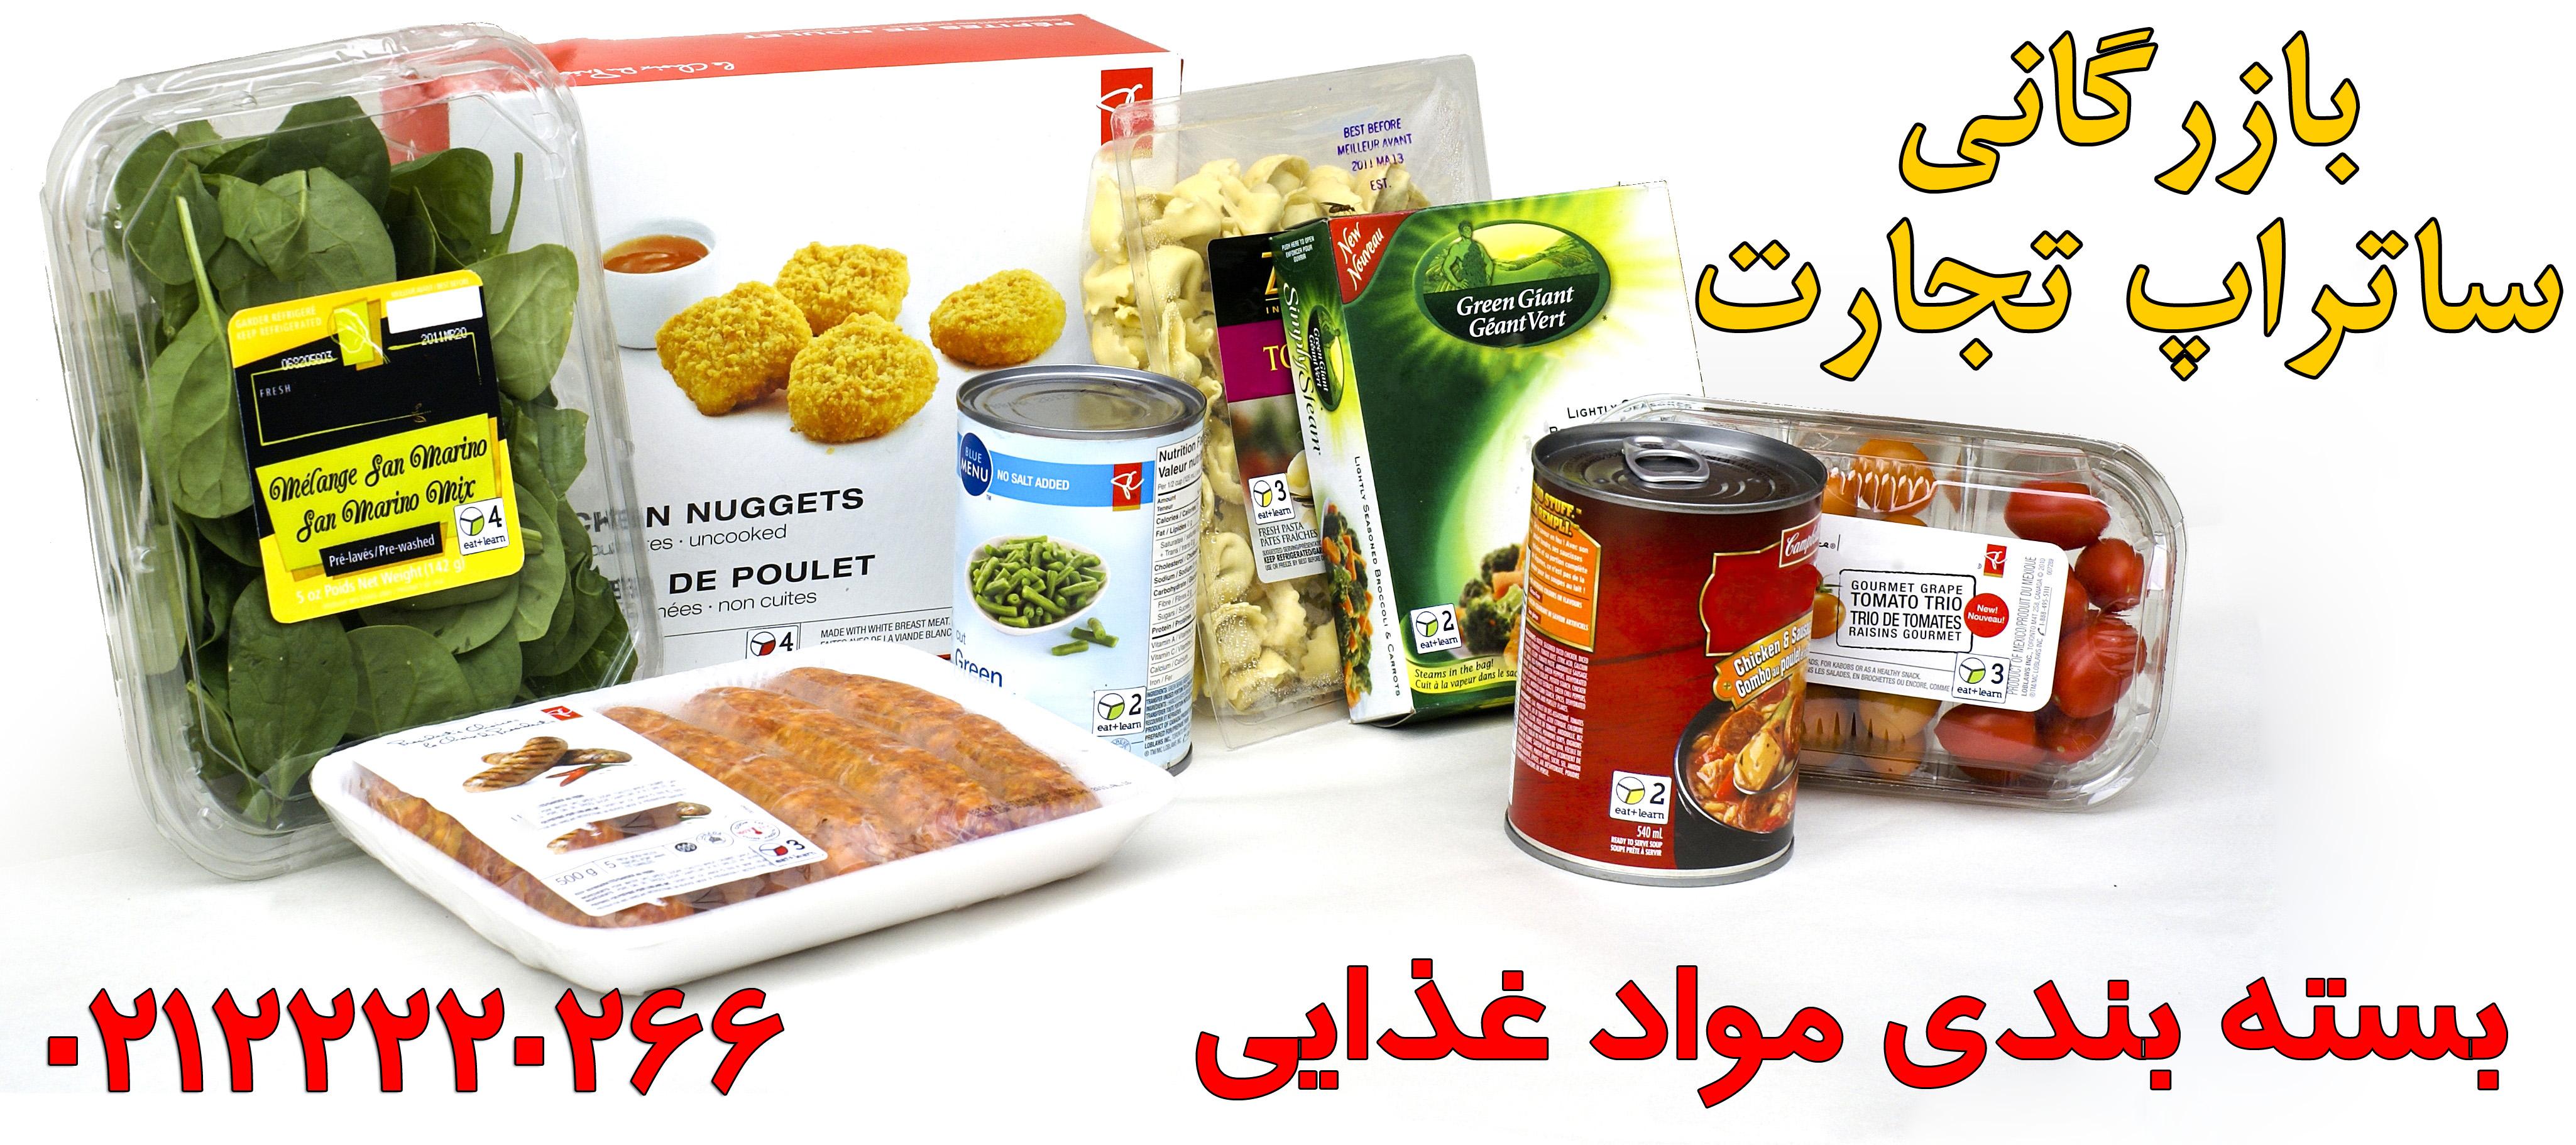 بسته بندی مواد غذایی ایرانی